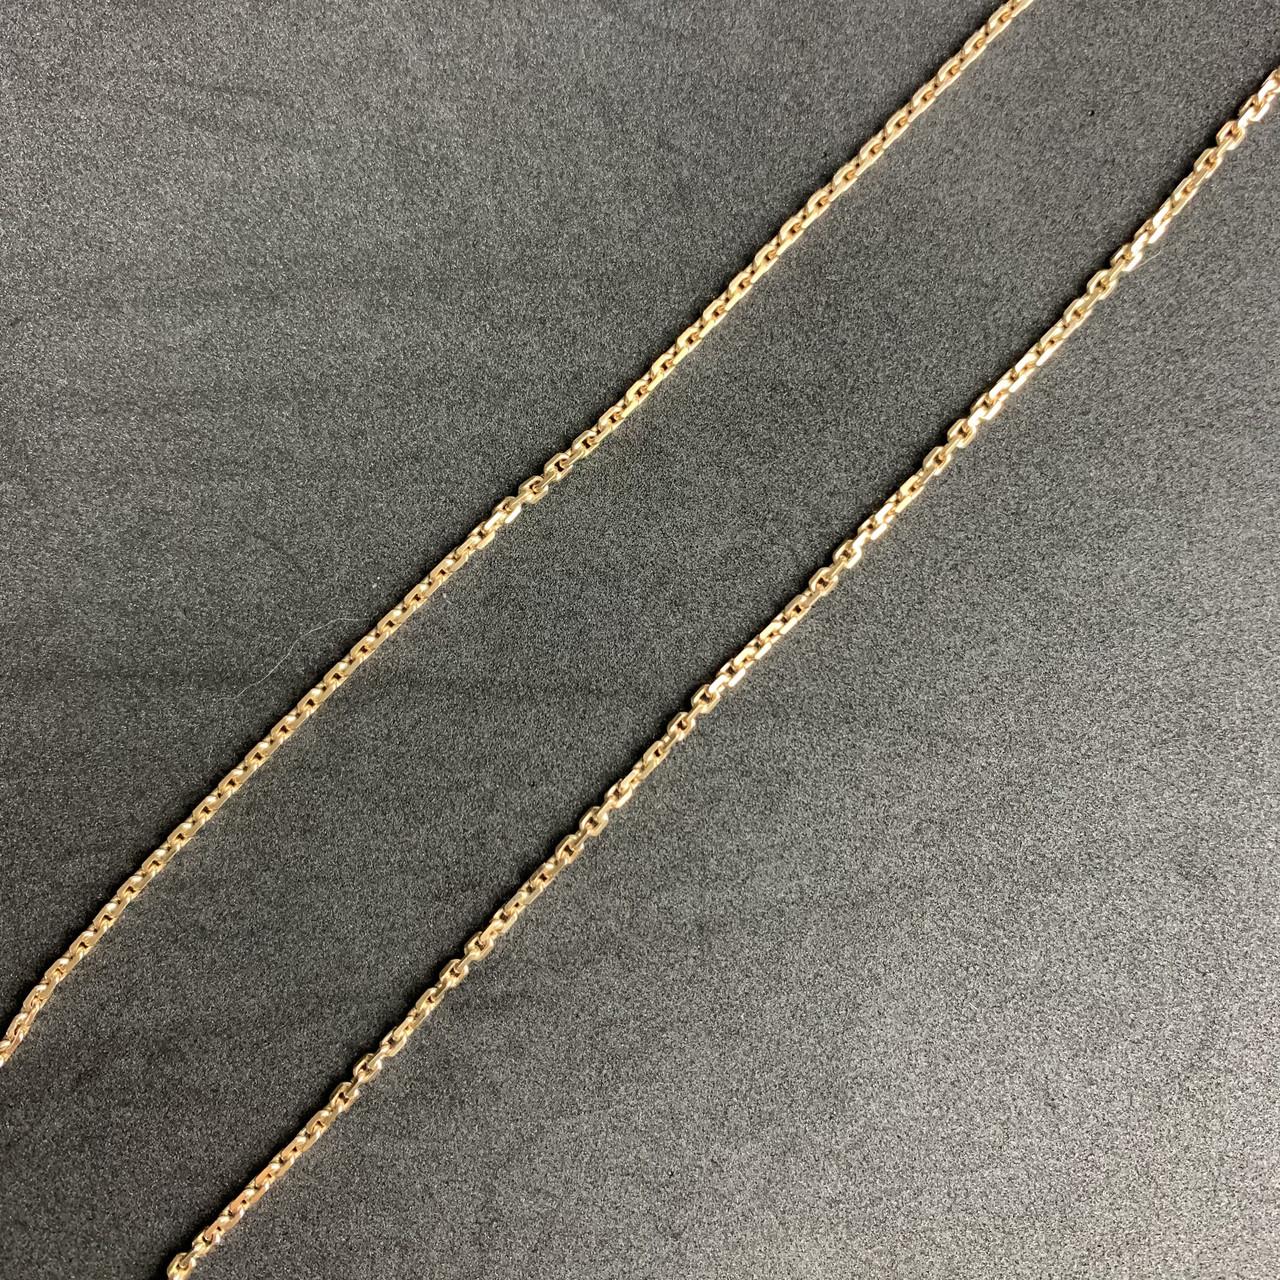 Золотая цепочка Б/У на шею 583 пробы, якорное плетение, вес 11.69 г. Продажа из ломбарда